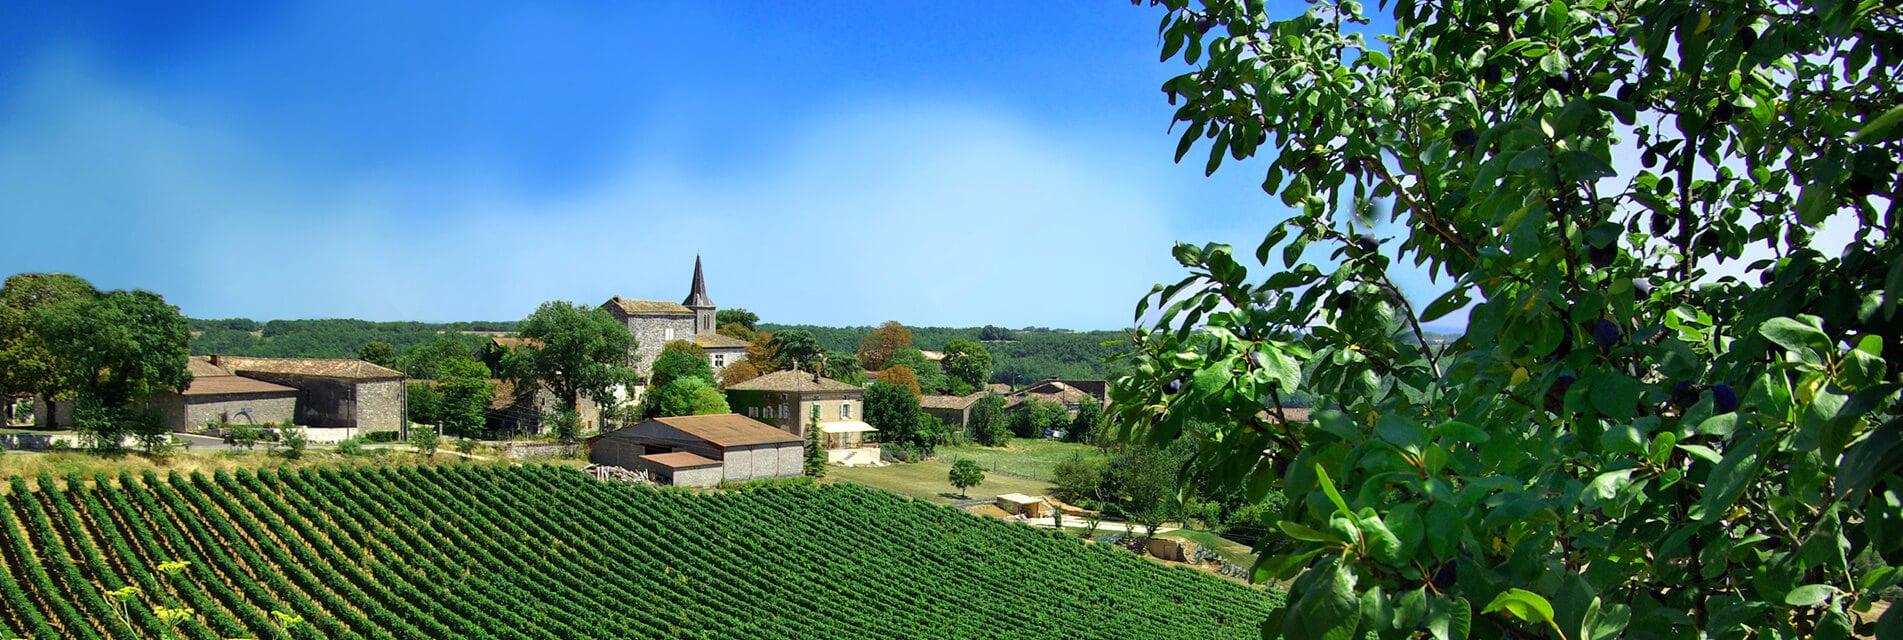 Réservez vos vacances dans le Pays du vignoble Gaillacois et ses villages perchés